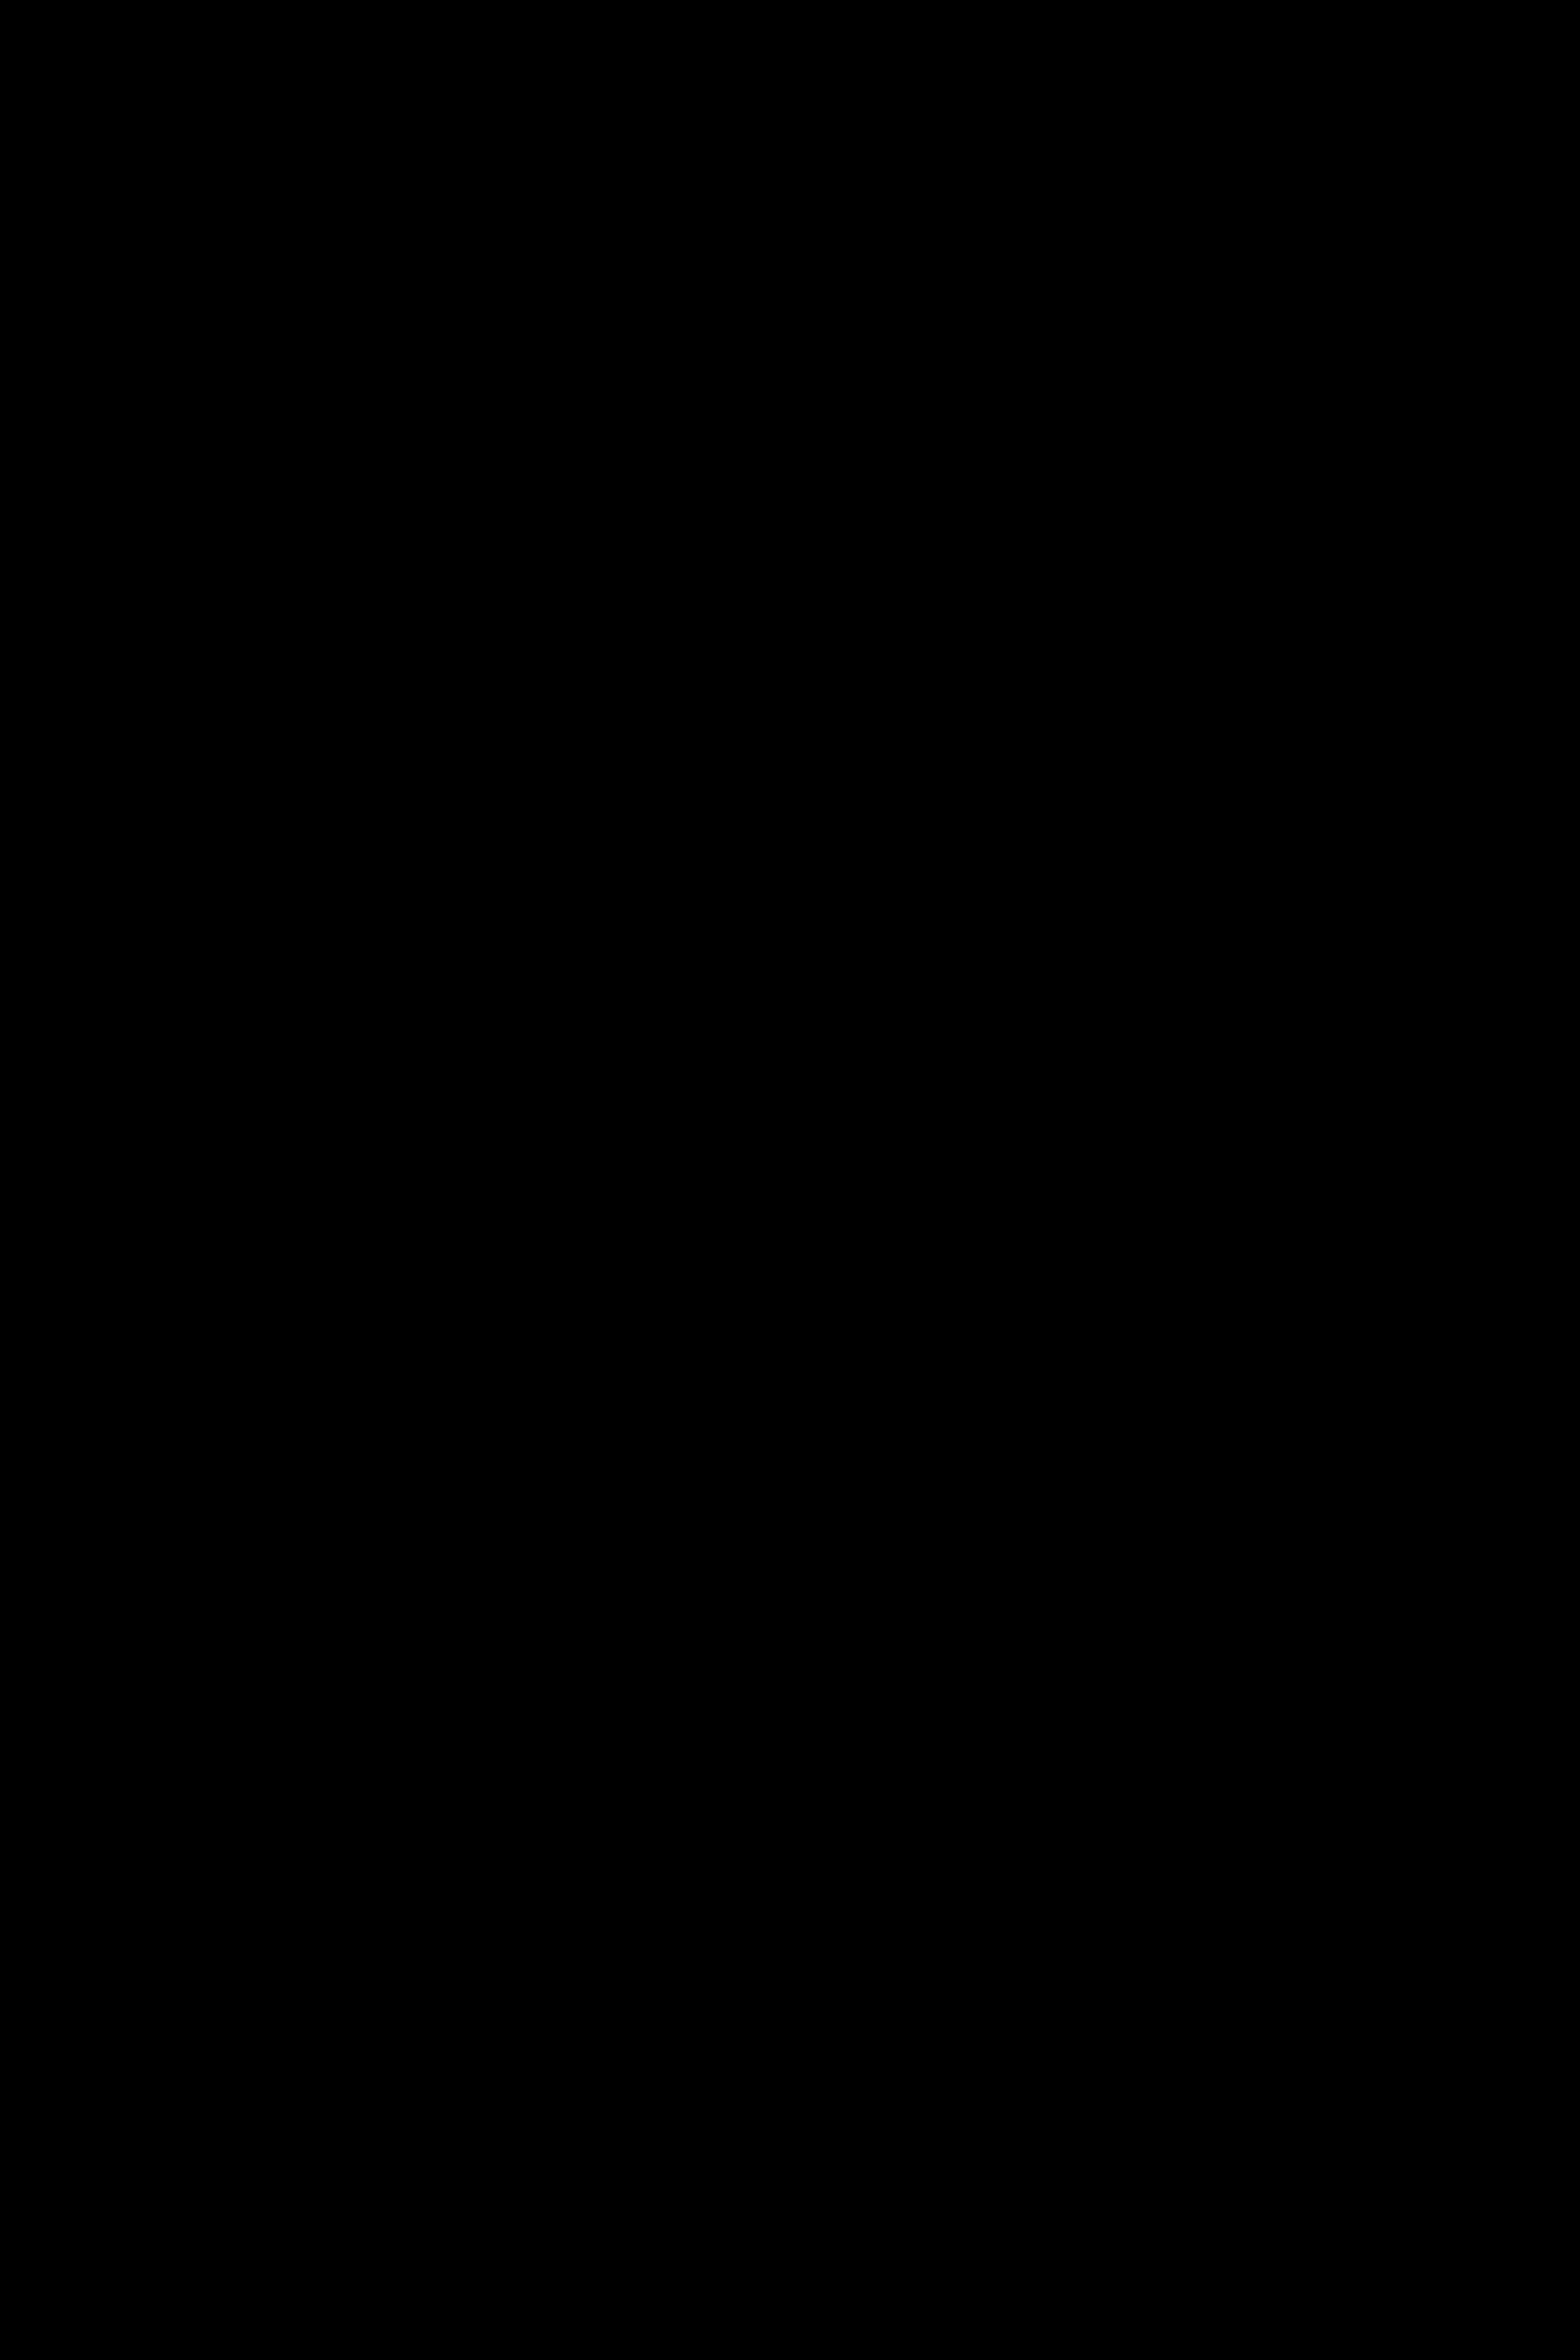 la 4e édition des « Journées du Maroc au Canada » sous le thème  « Voyage au royaume des mille et une couleurs »